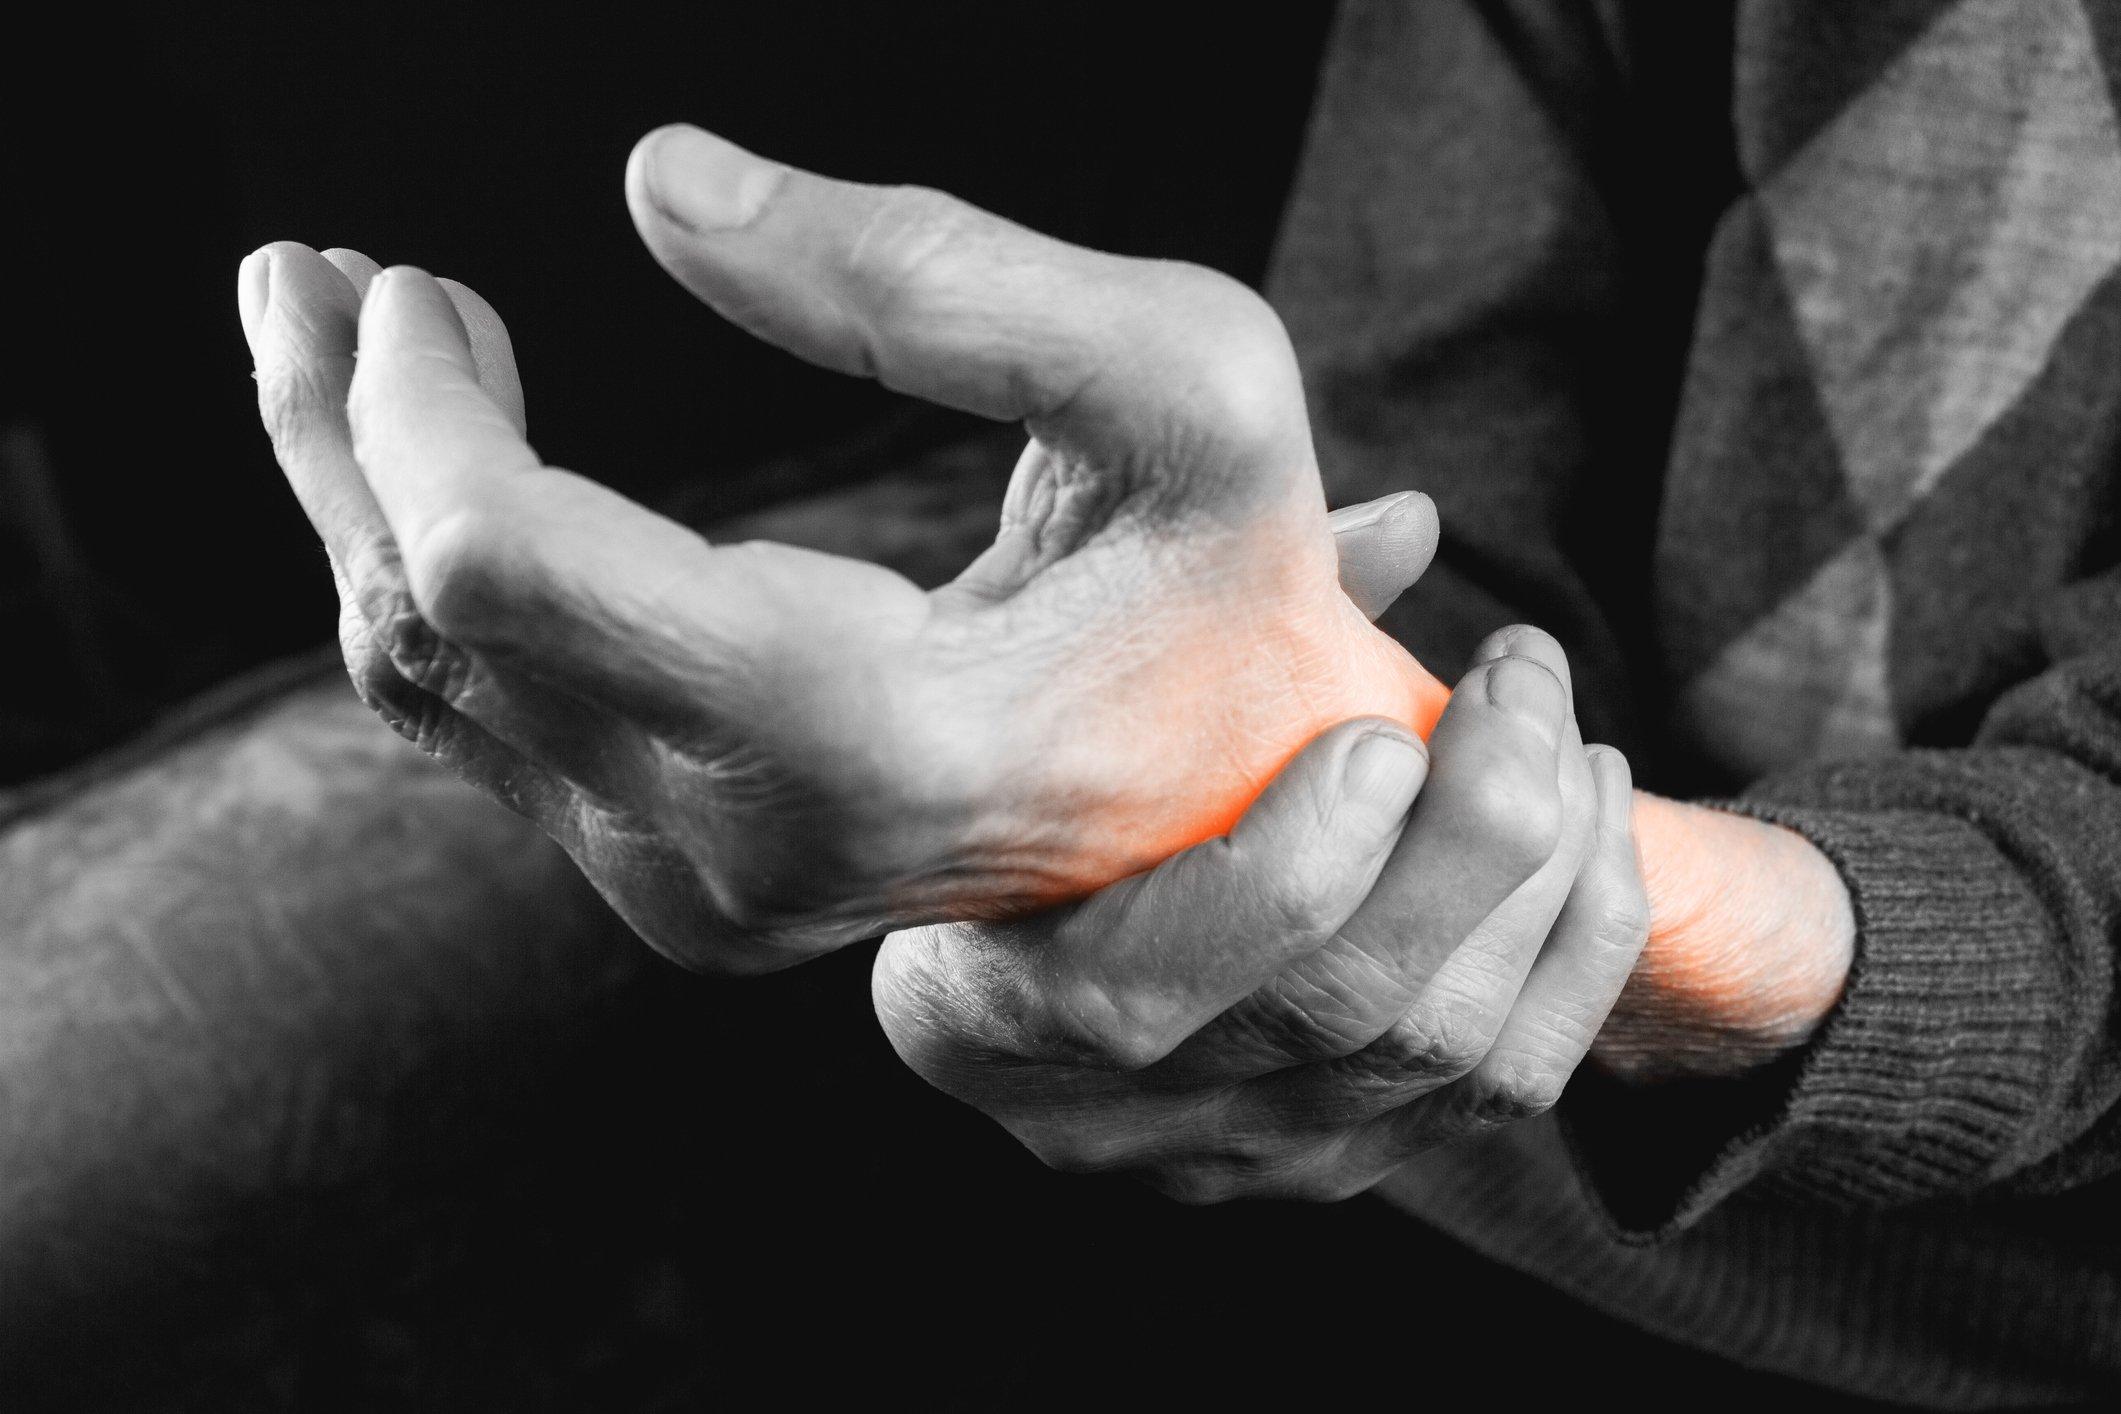 boli ale articulațiilor încheieturii mâinilor analize de tratament comun